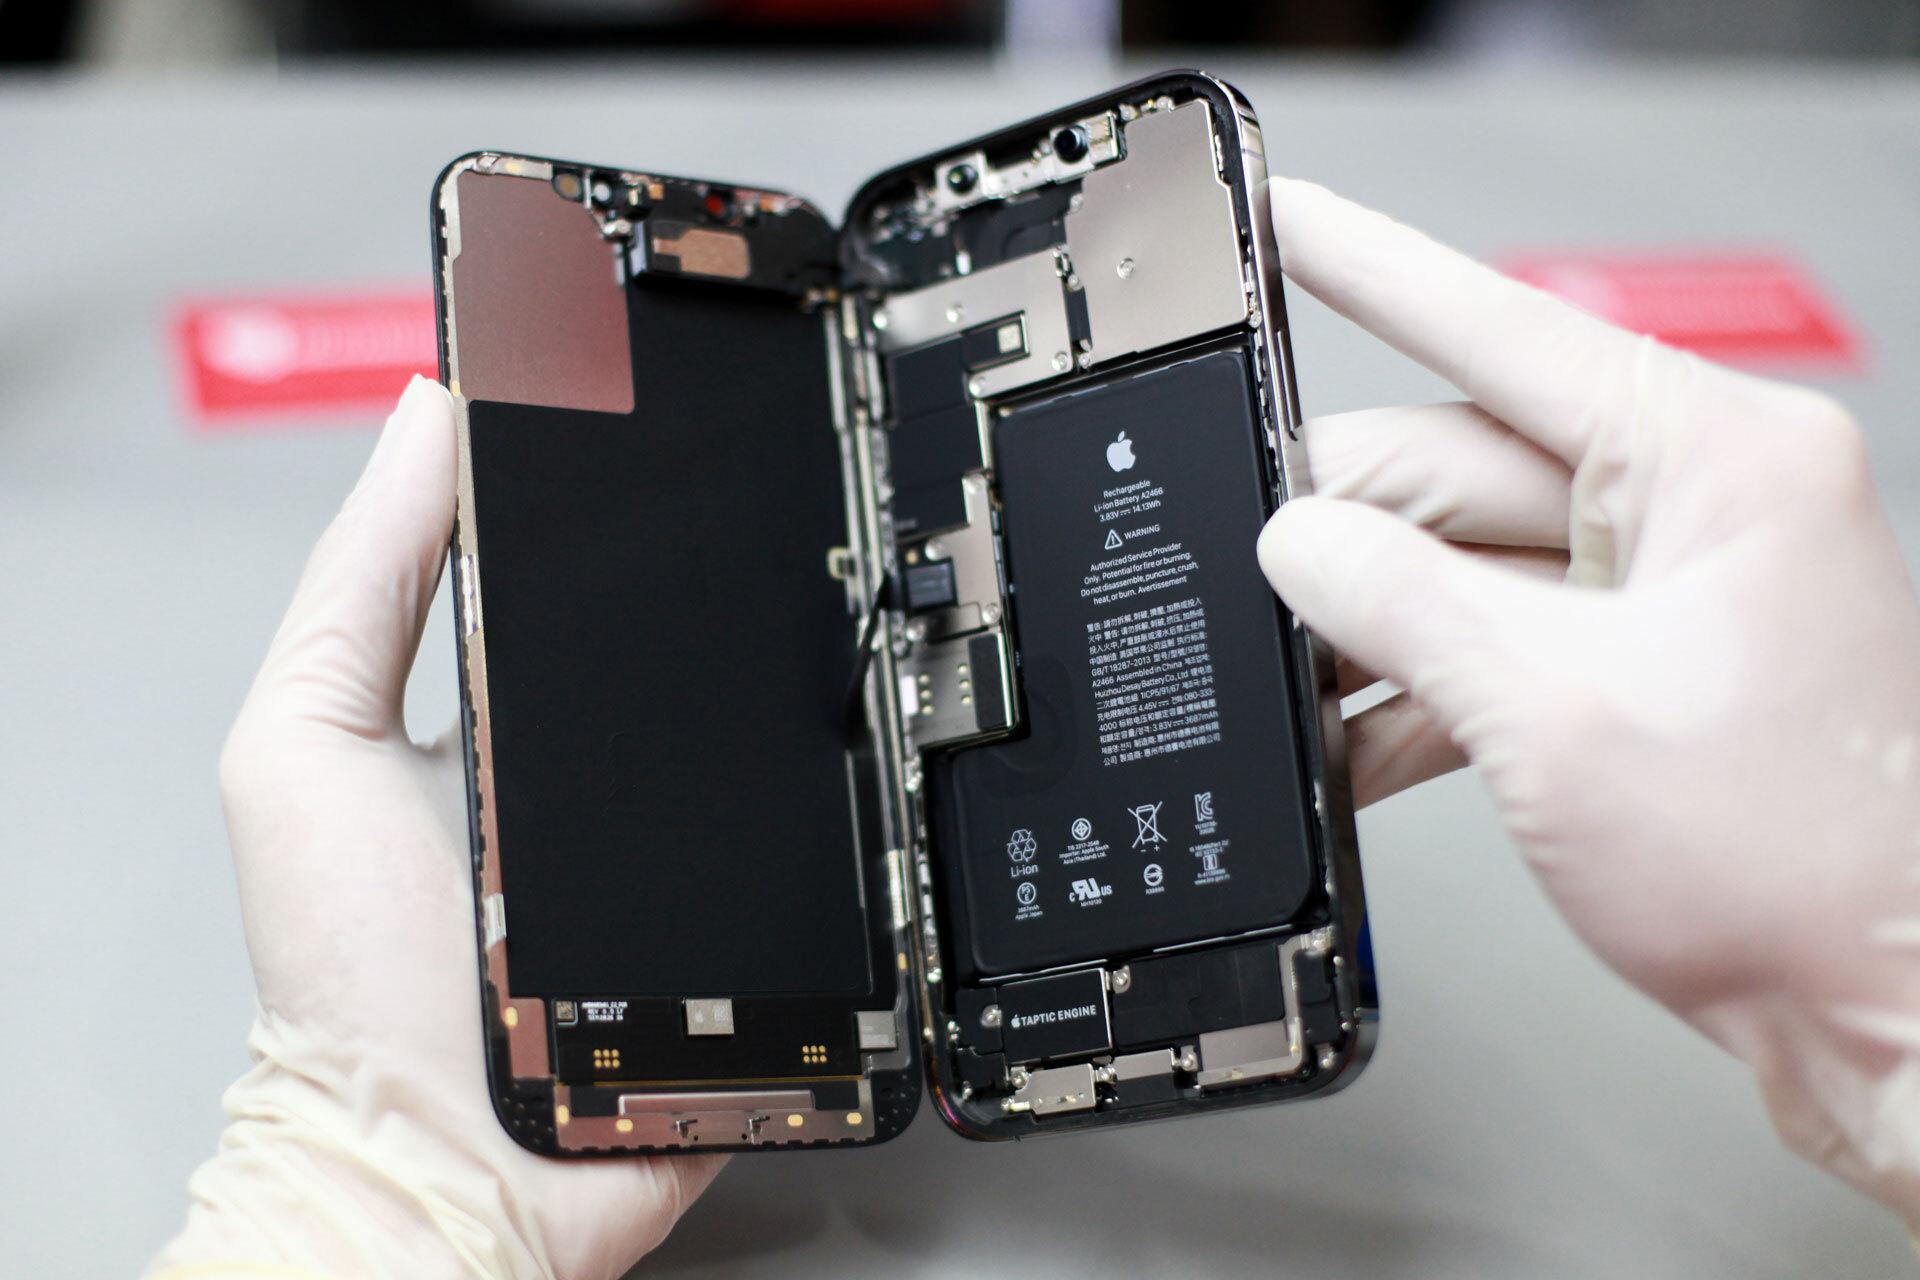 Apple cho phép các Trung tâm bảo hành có thể sửa chữa, thay thế nhanh chi tiết bị hư cho người dùng iPhone thay vì đổi mới 1-1 như trước đây.